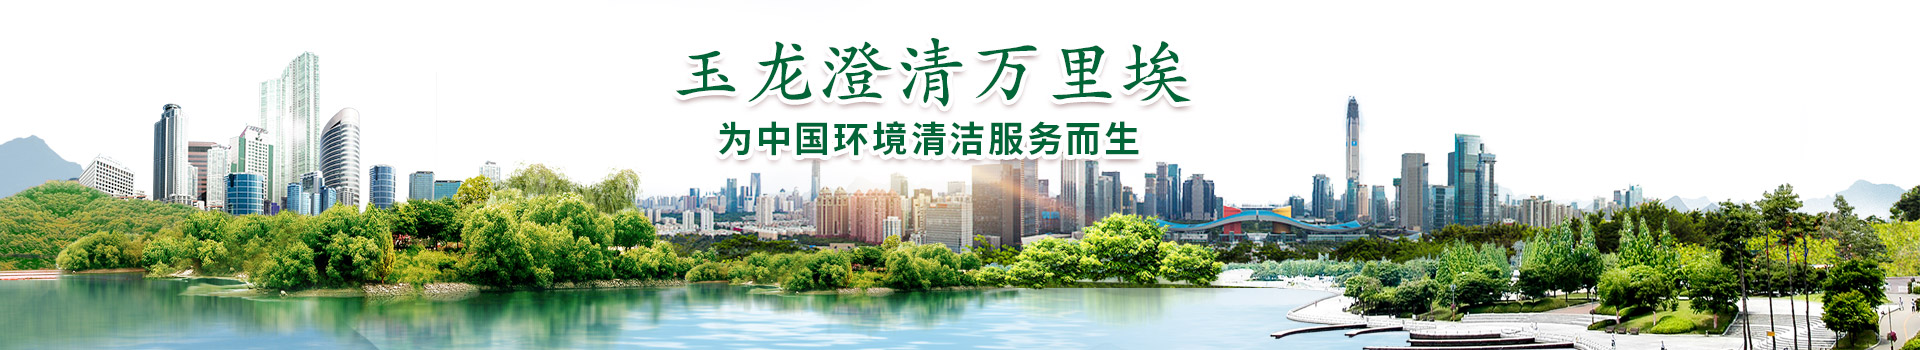 关于玉龙环保-为中国环境清洁服务而生